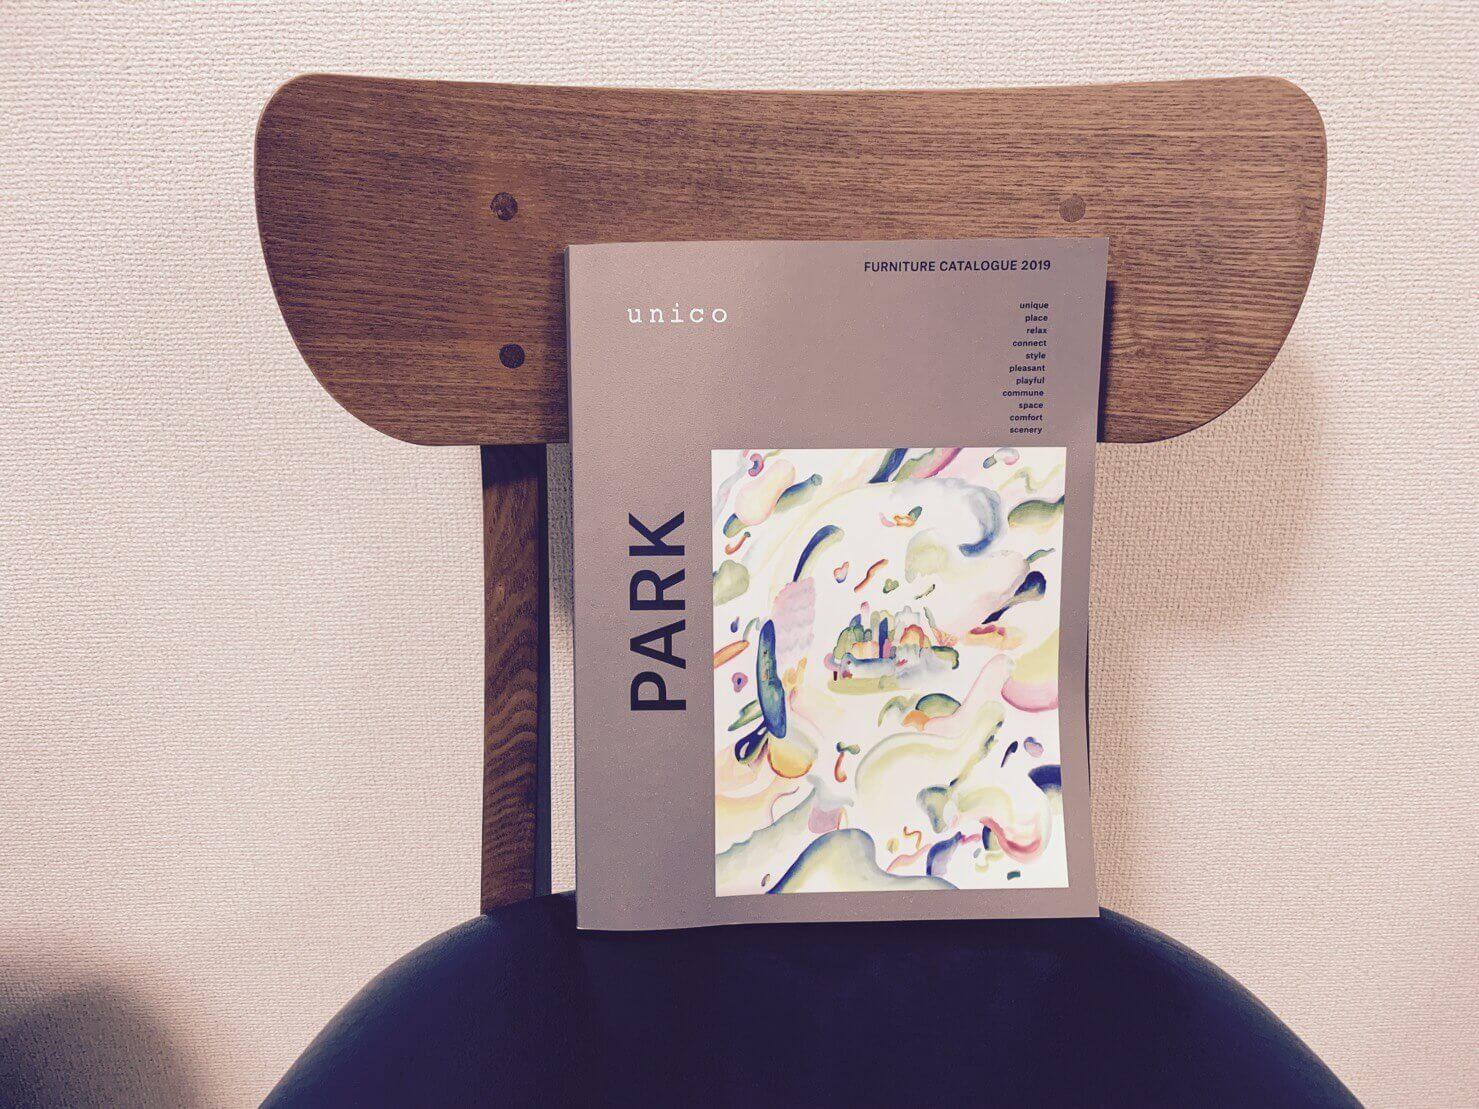 元IKEA社員がunico(ウニコ)のチェアを購入したので、詳しくレビューするよ